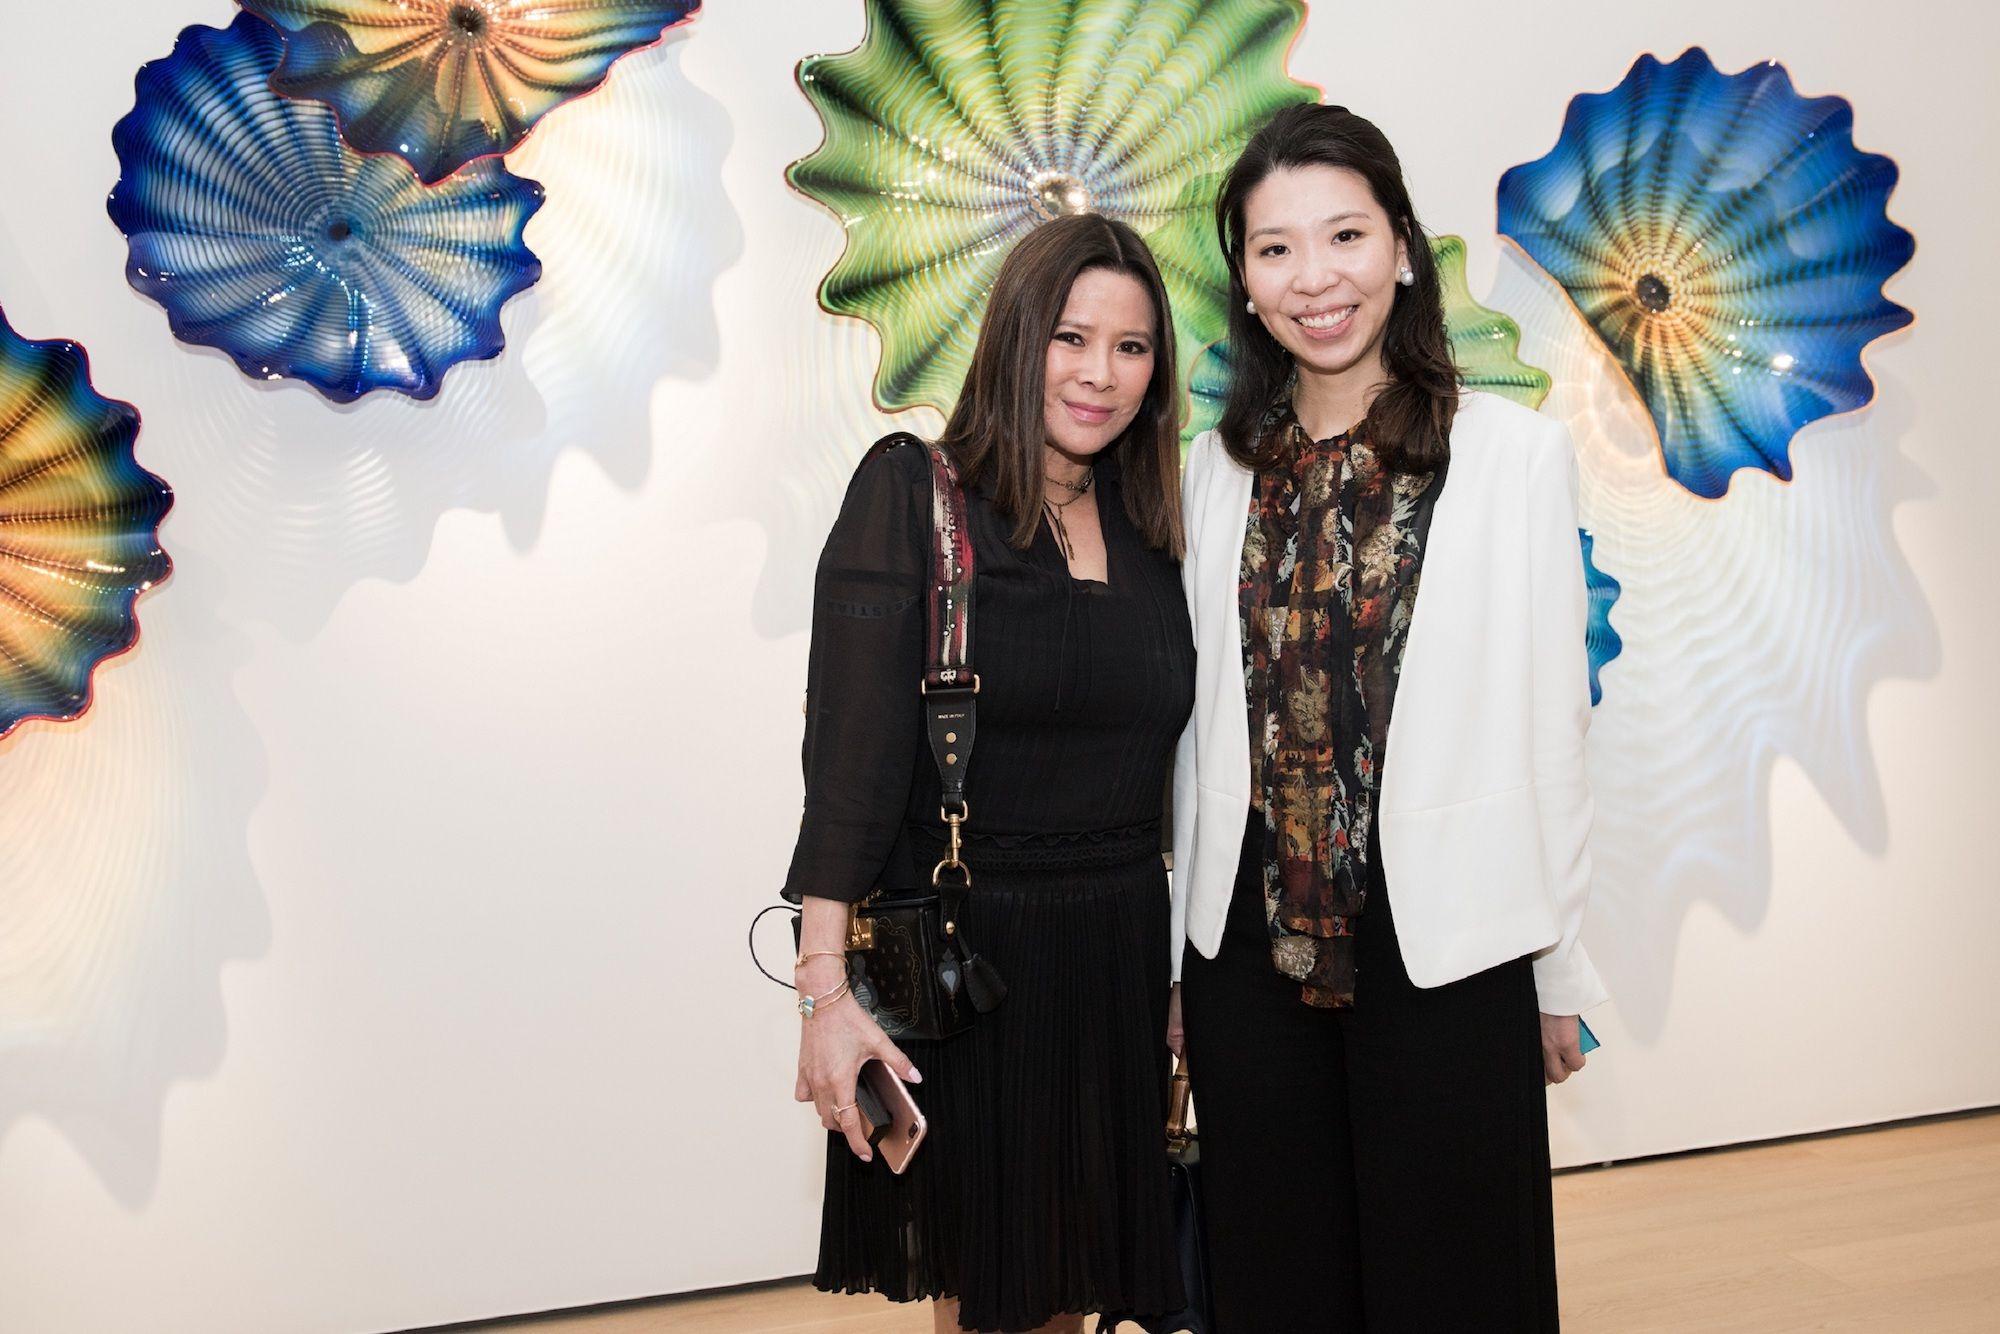 Yvette Yung, Kristine Li